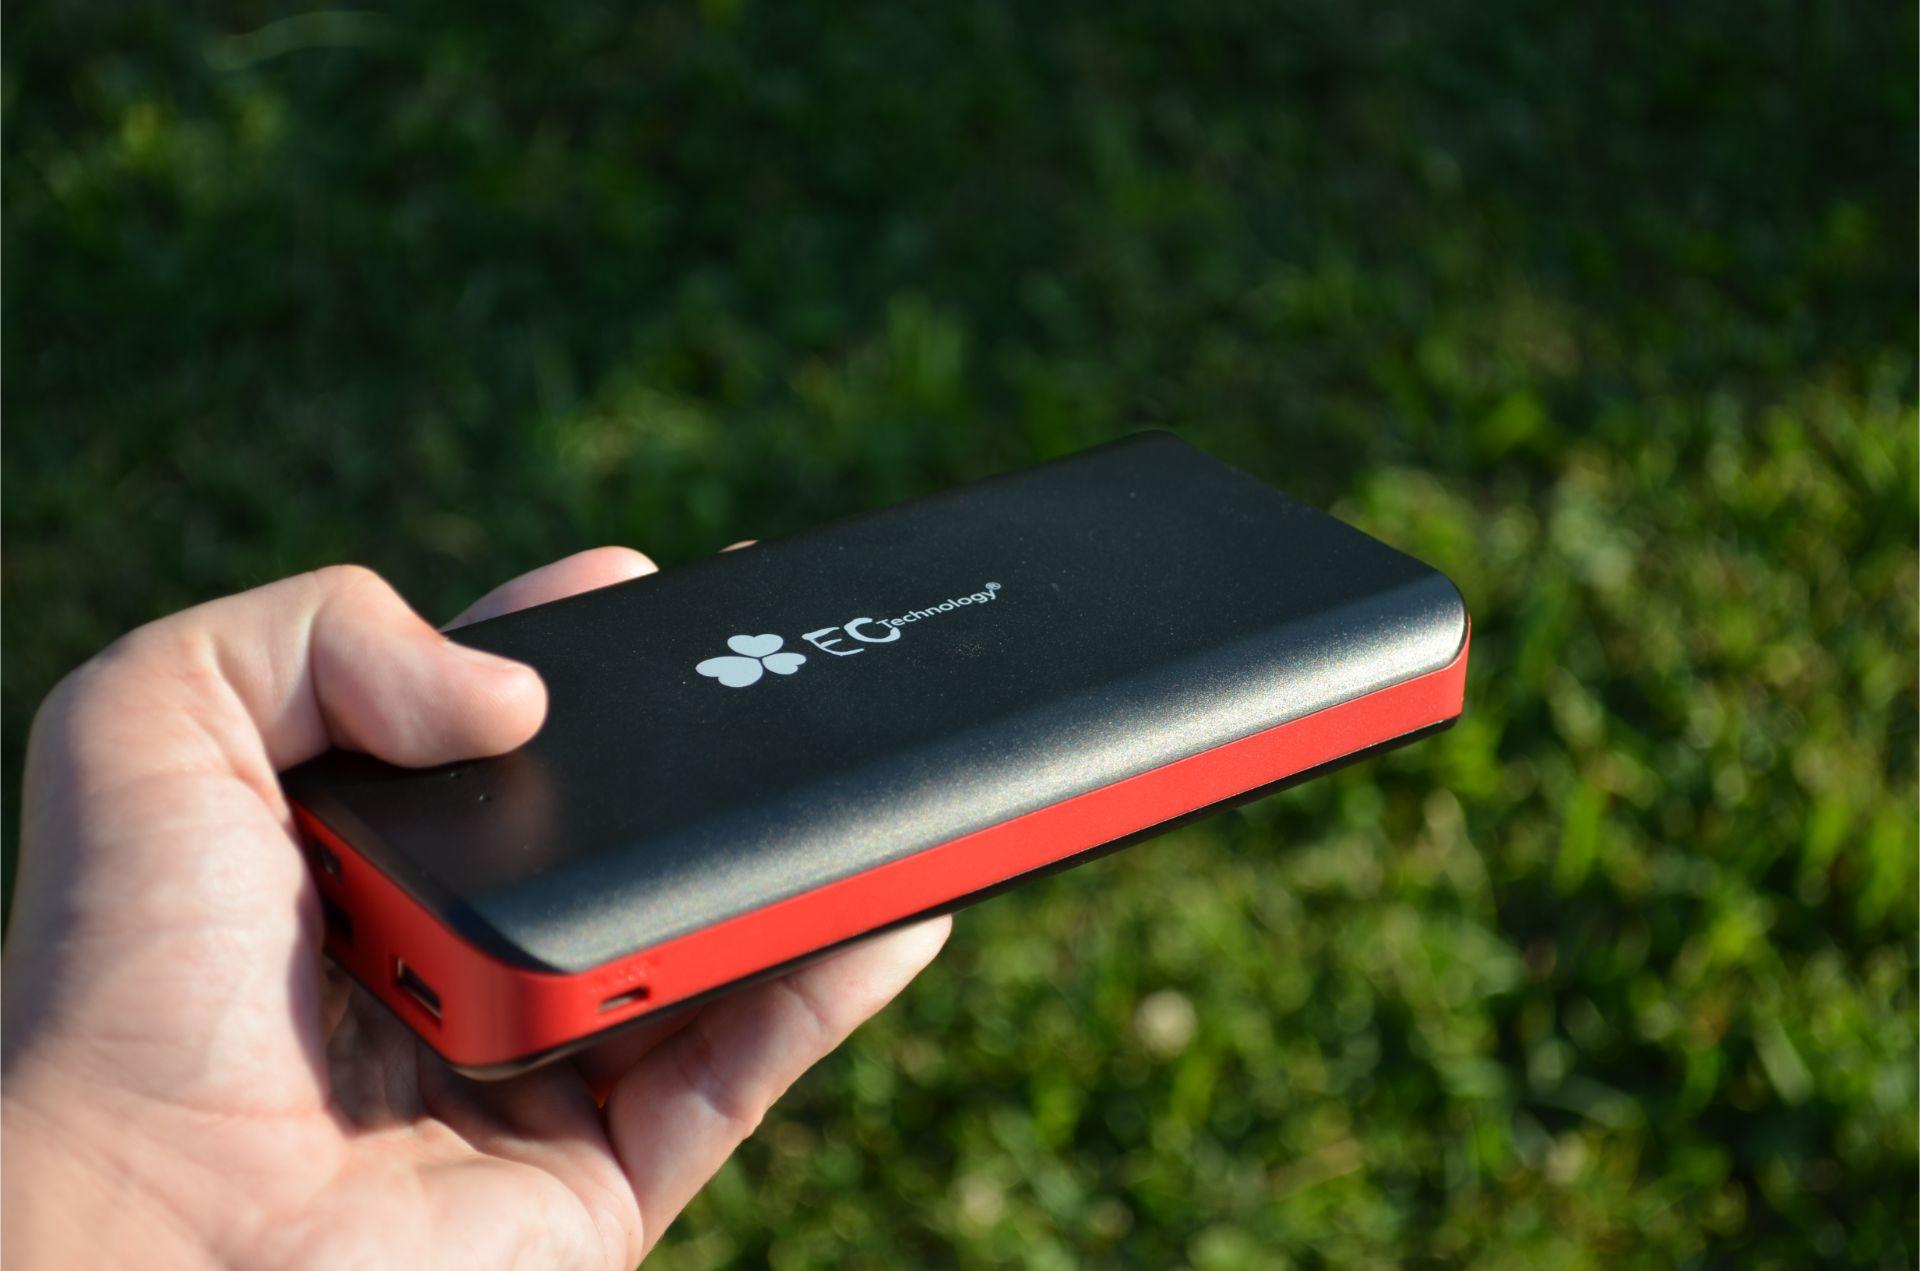 test ec technology une batterie de 22400 mah pour recharger 3 devices lcdg. Black Bedroom Furniture Sets. Home Design Ideas